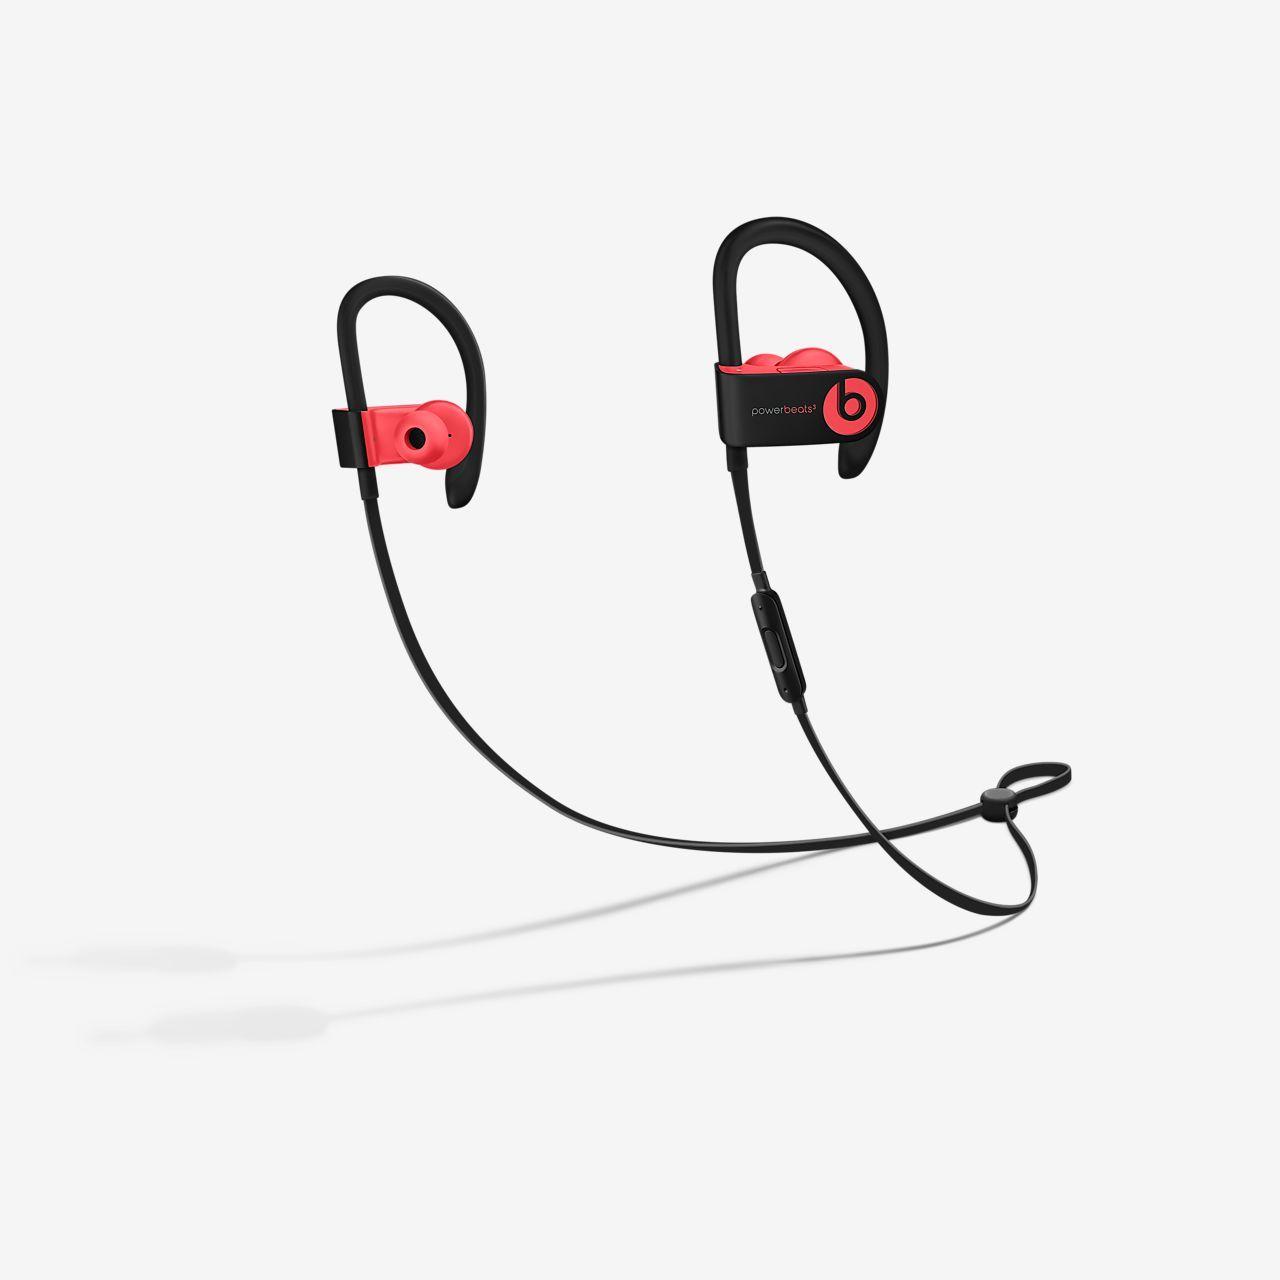 Litoral información Multitud  Powerbeats3 Wireless Beats by Dr. Dre Earphones | Wireless beats, Bluetooth  headphones beats, Bluetooth headphones wireless